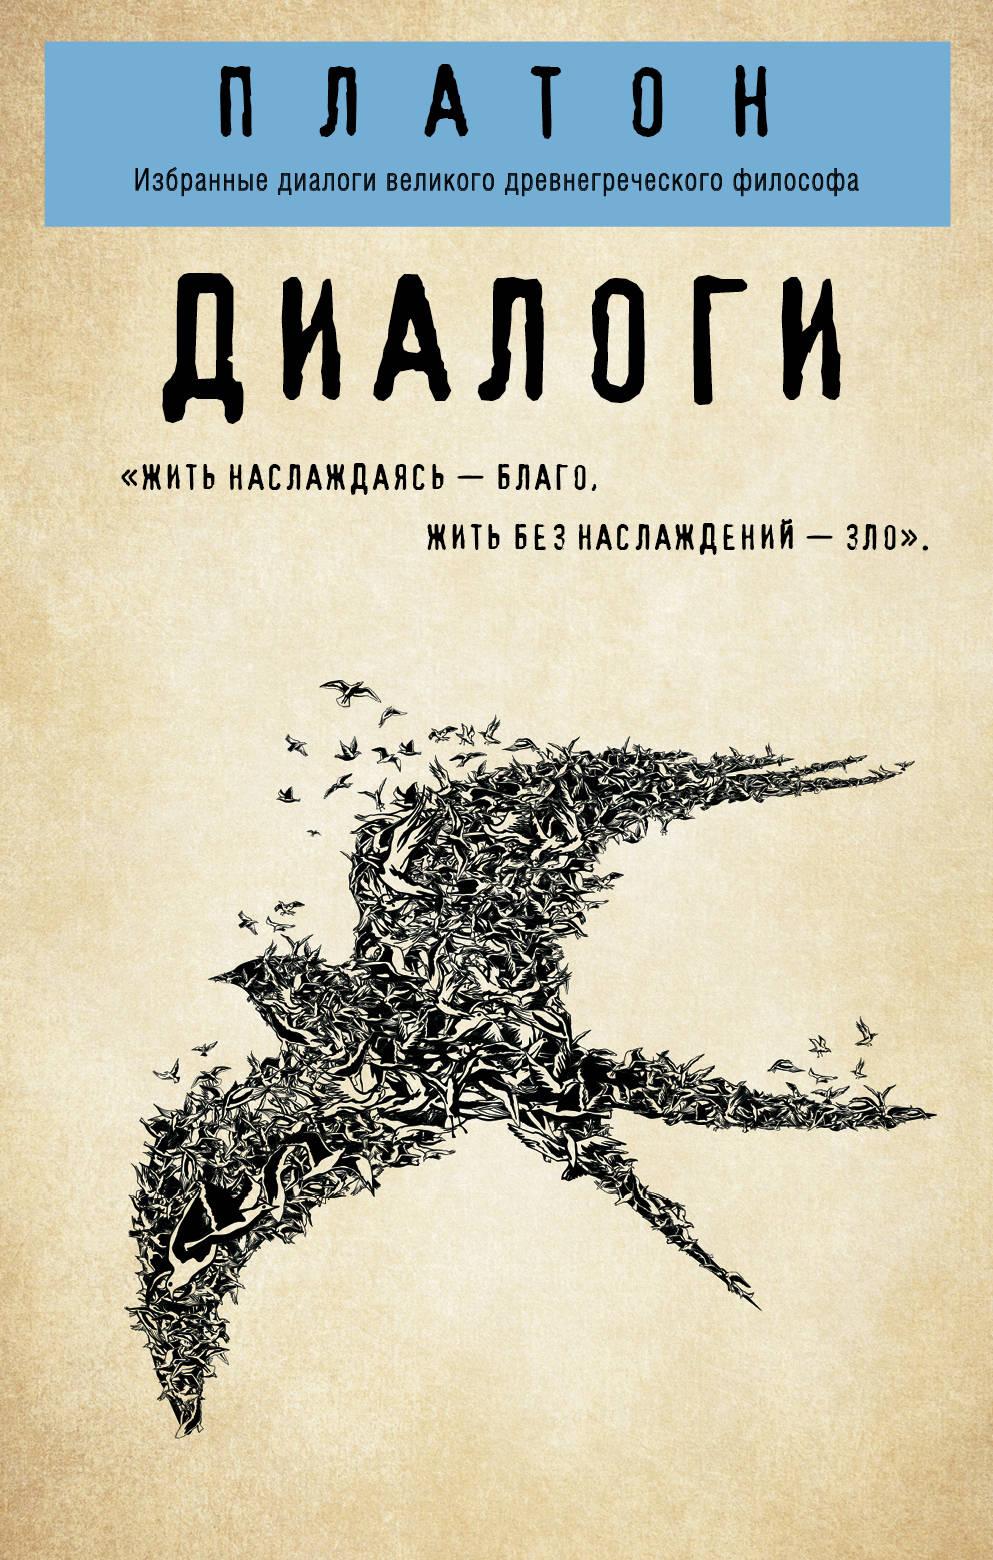 """Платон. Диалоги (""""Протагор"""", """"Ион"""", """"Евтифрон"""", """"Парменид"""")"""